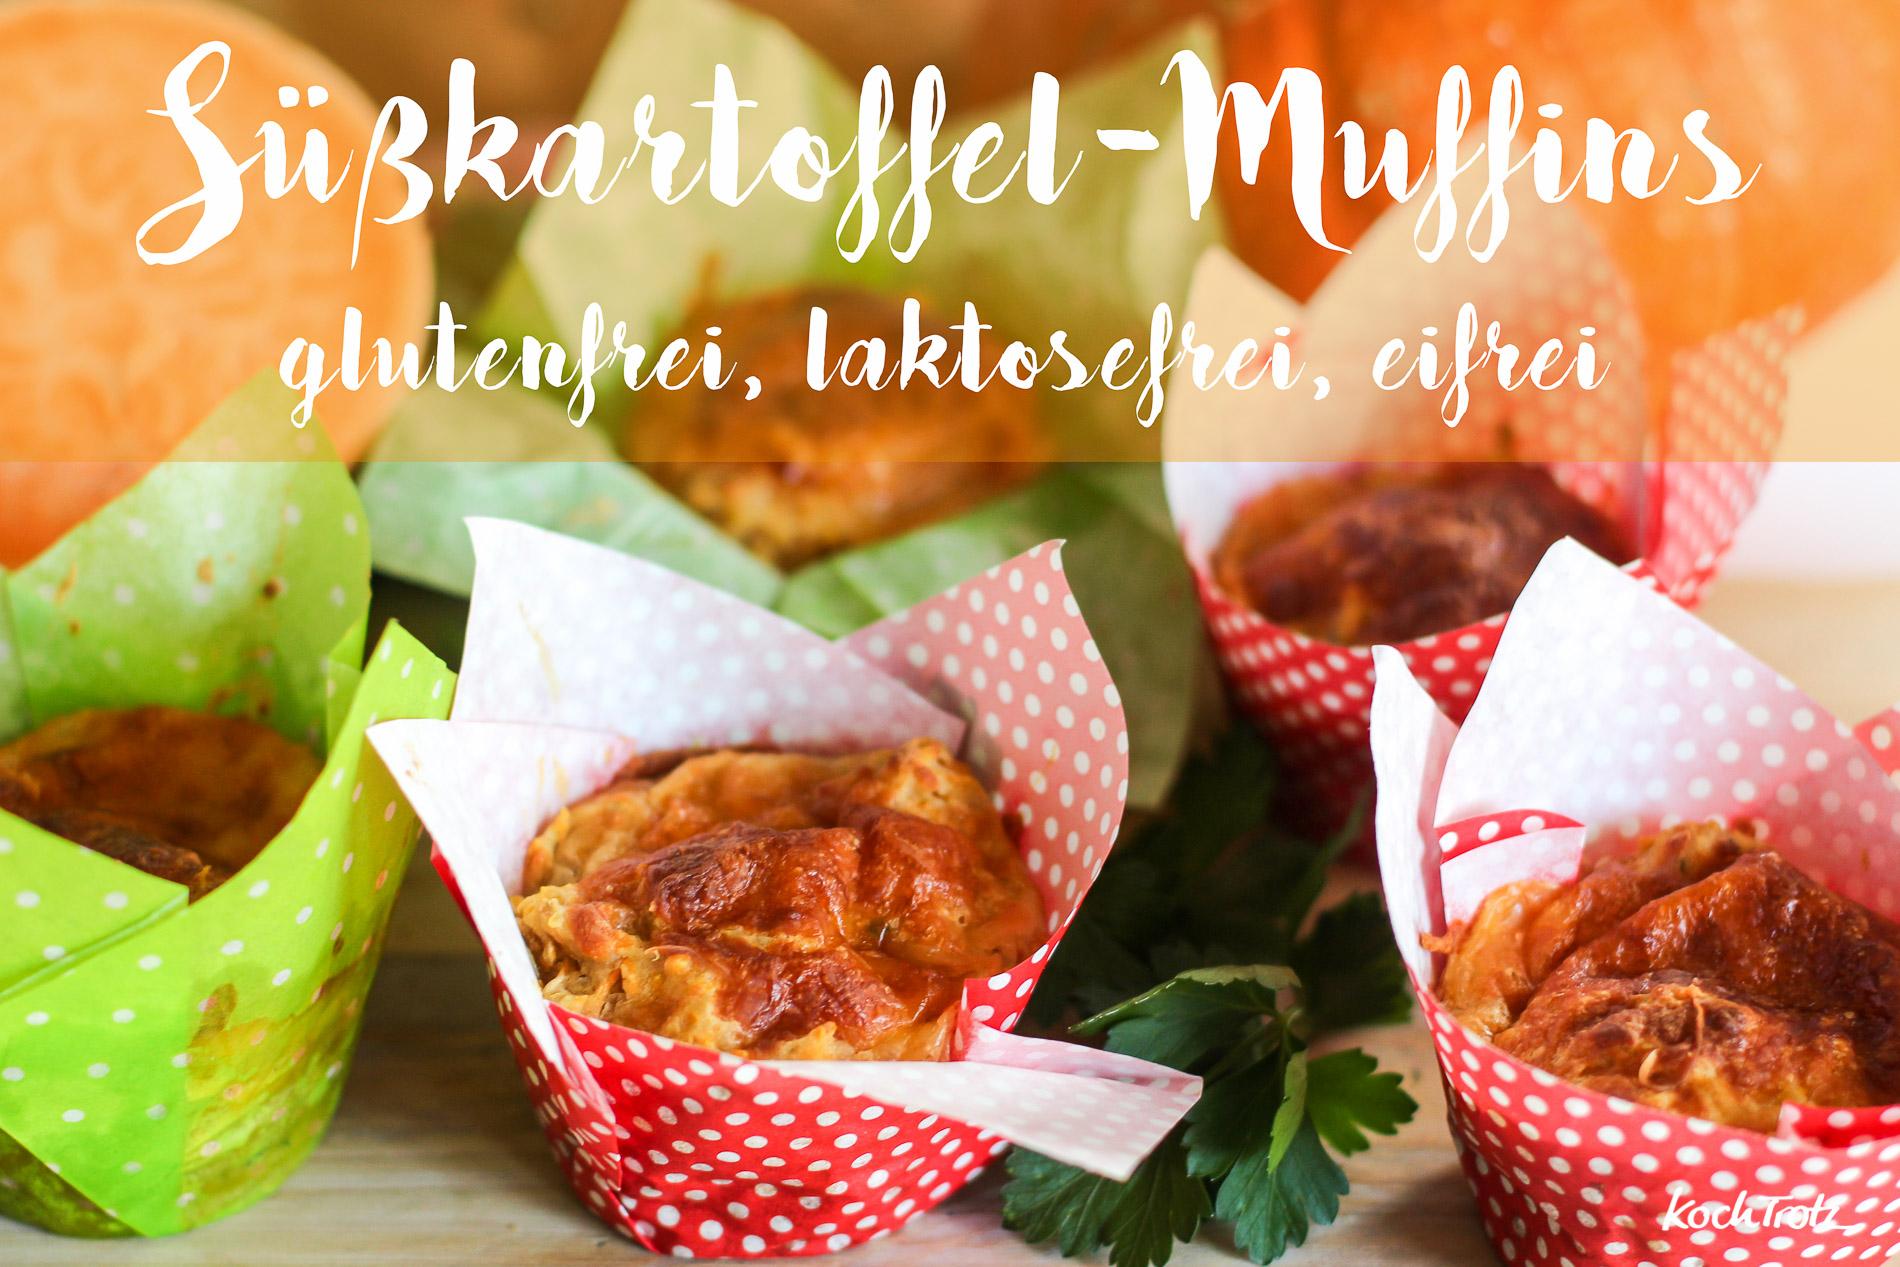 herzhafte s kartoffel muffins variables rezept glutenfrei laktosefrei eifrei nussfrei. Black Bedroom Furniture Sets. Home Design Ideas